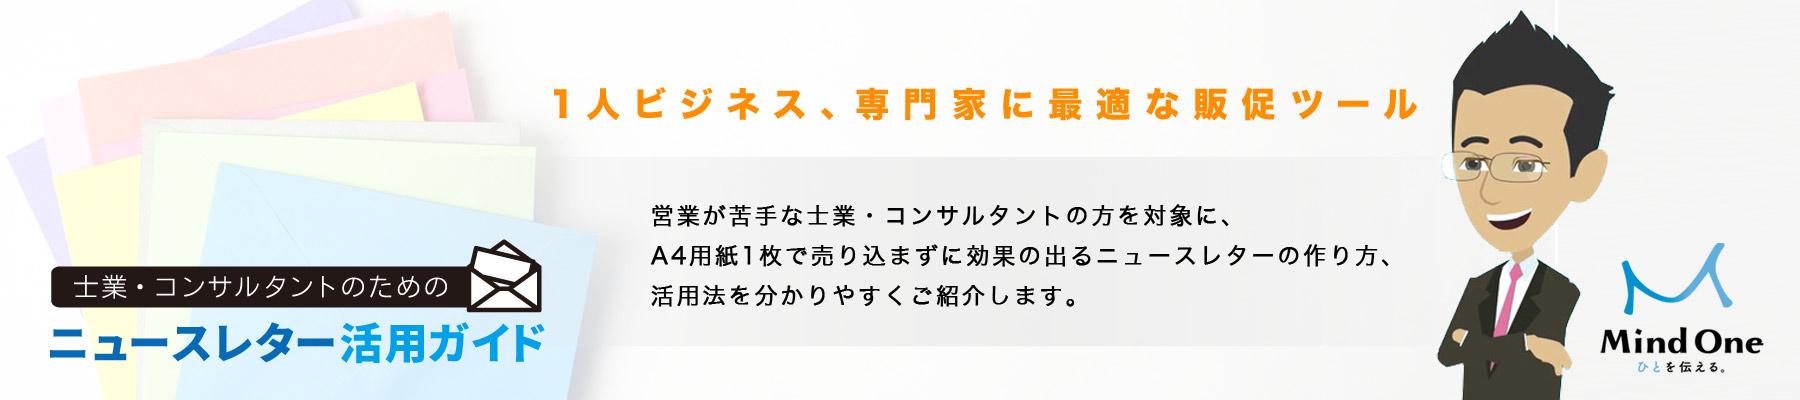 » セミナー情報